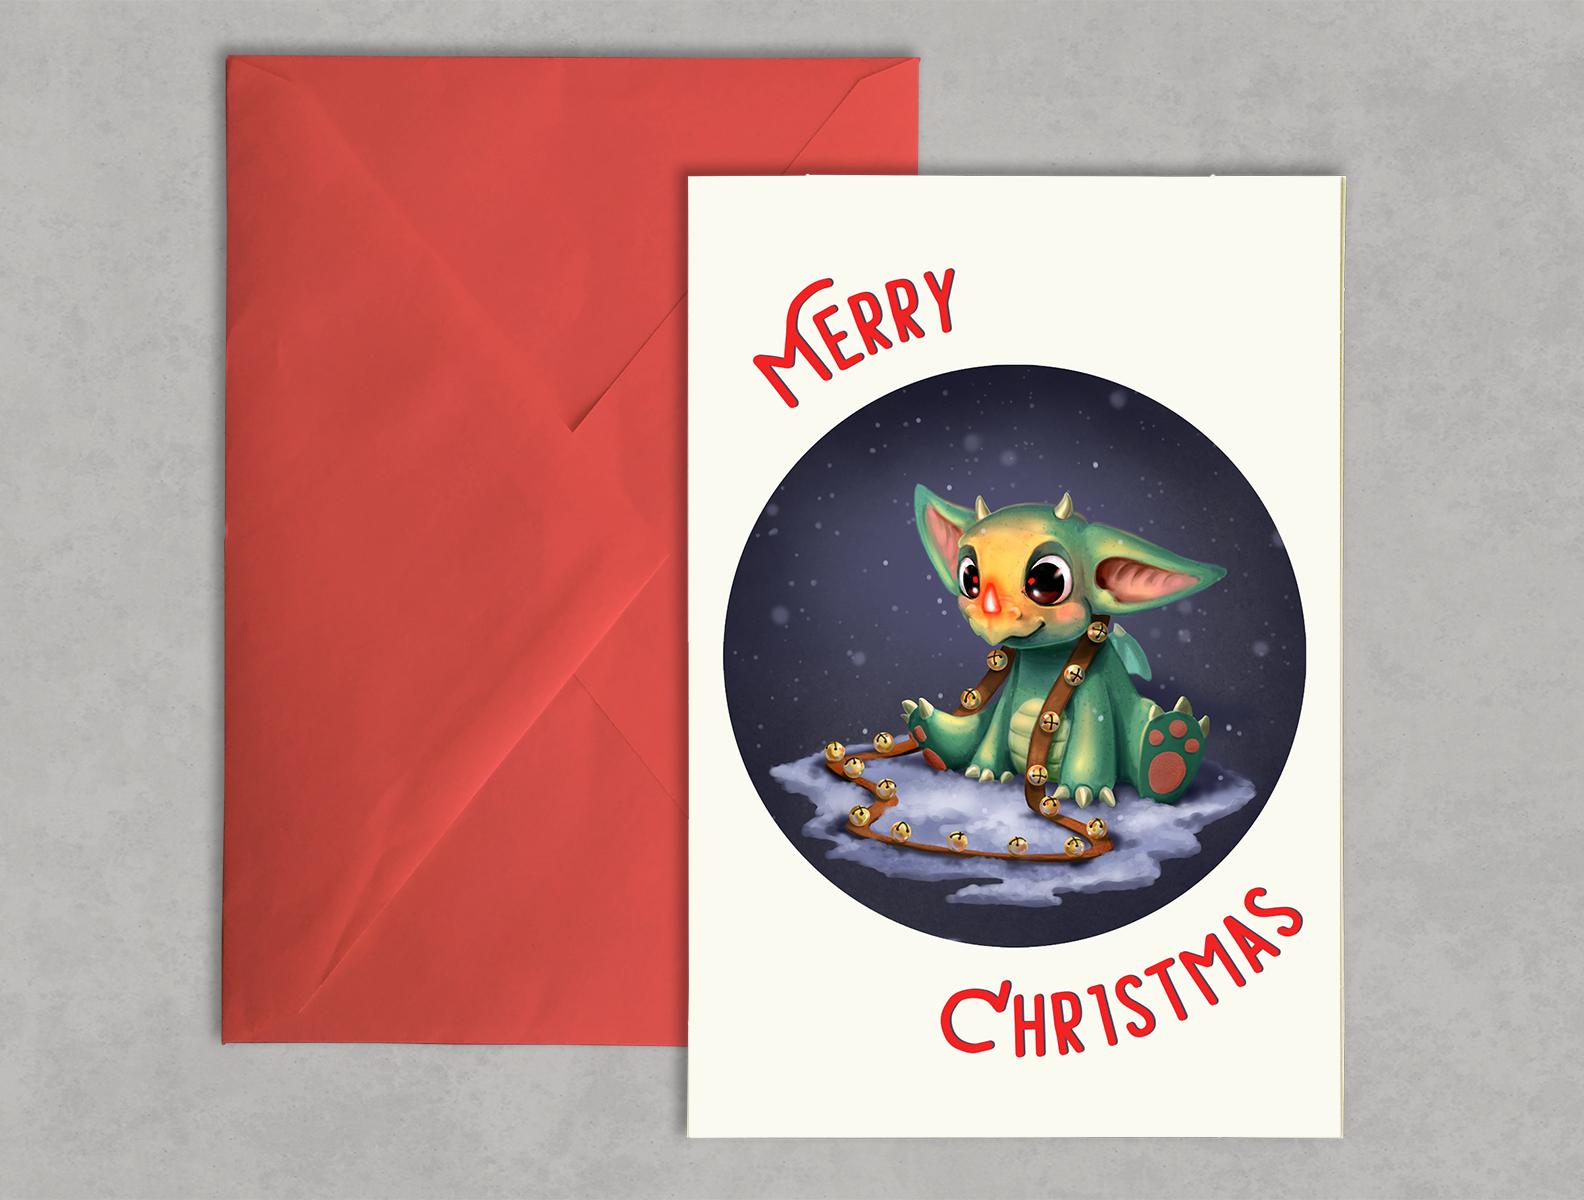 rudolph dragon card mockup 2.jpg